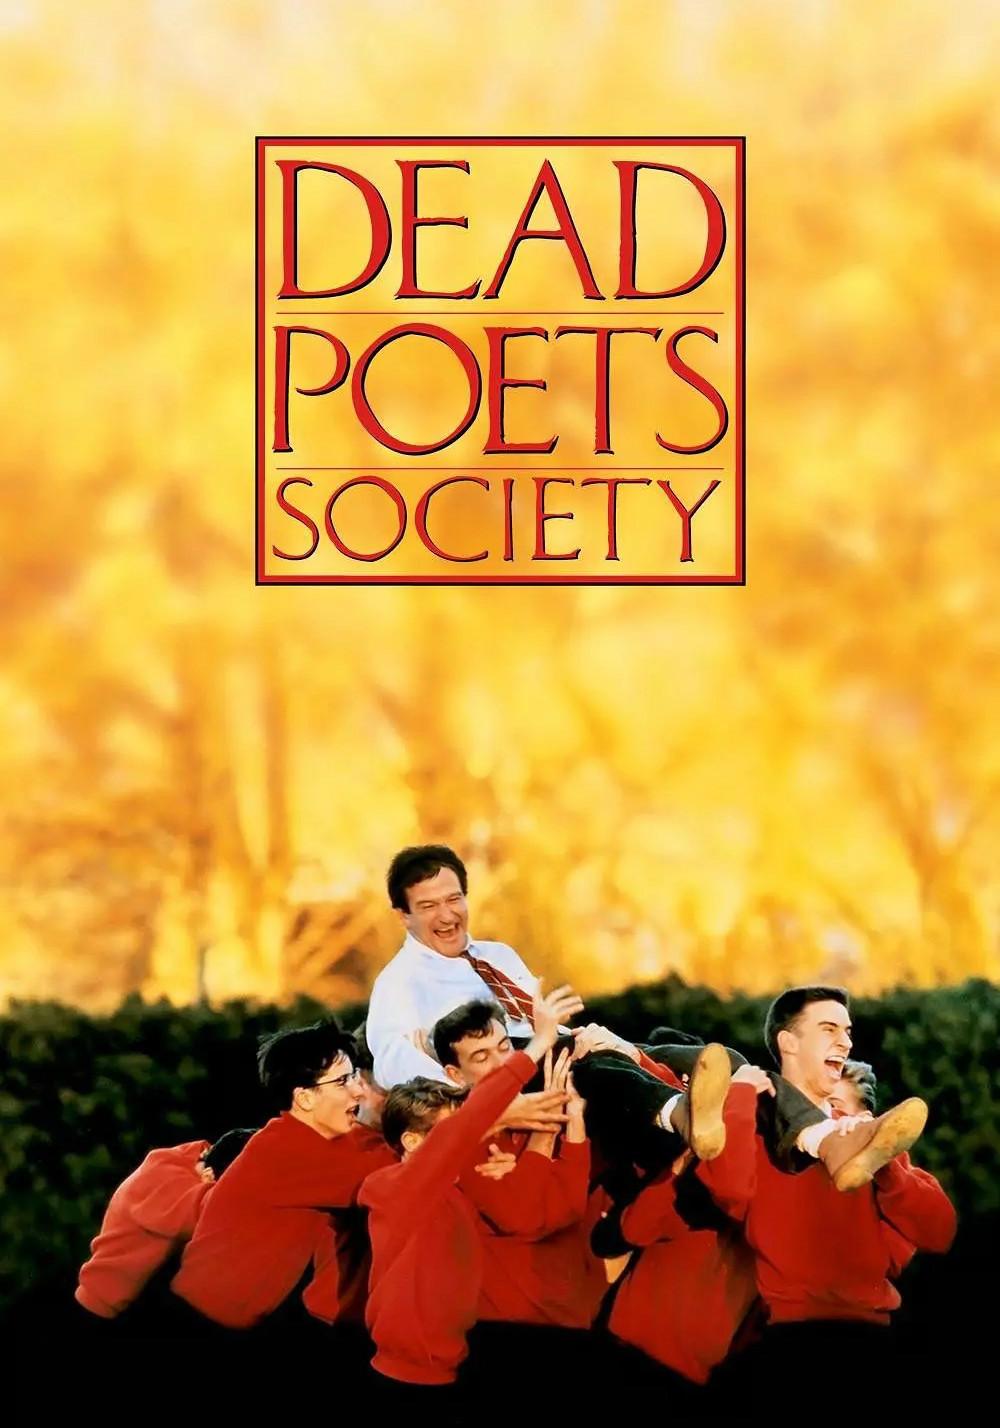 電影中的丁尼生Tennyson詩—尤利西斯:春風化雨Dead poets society,007空降危機The Sky FALL,金盞花大酒店2 The Best Exotic Marigold Hotel 2 @東南亞投資報告